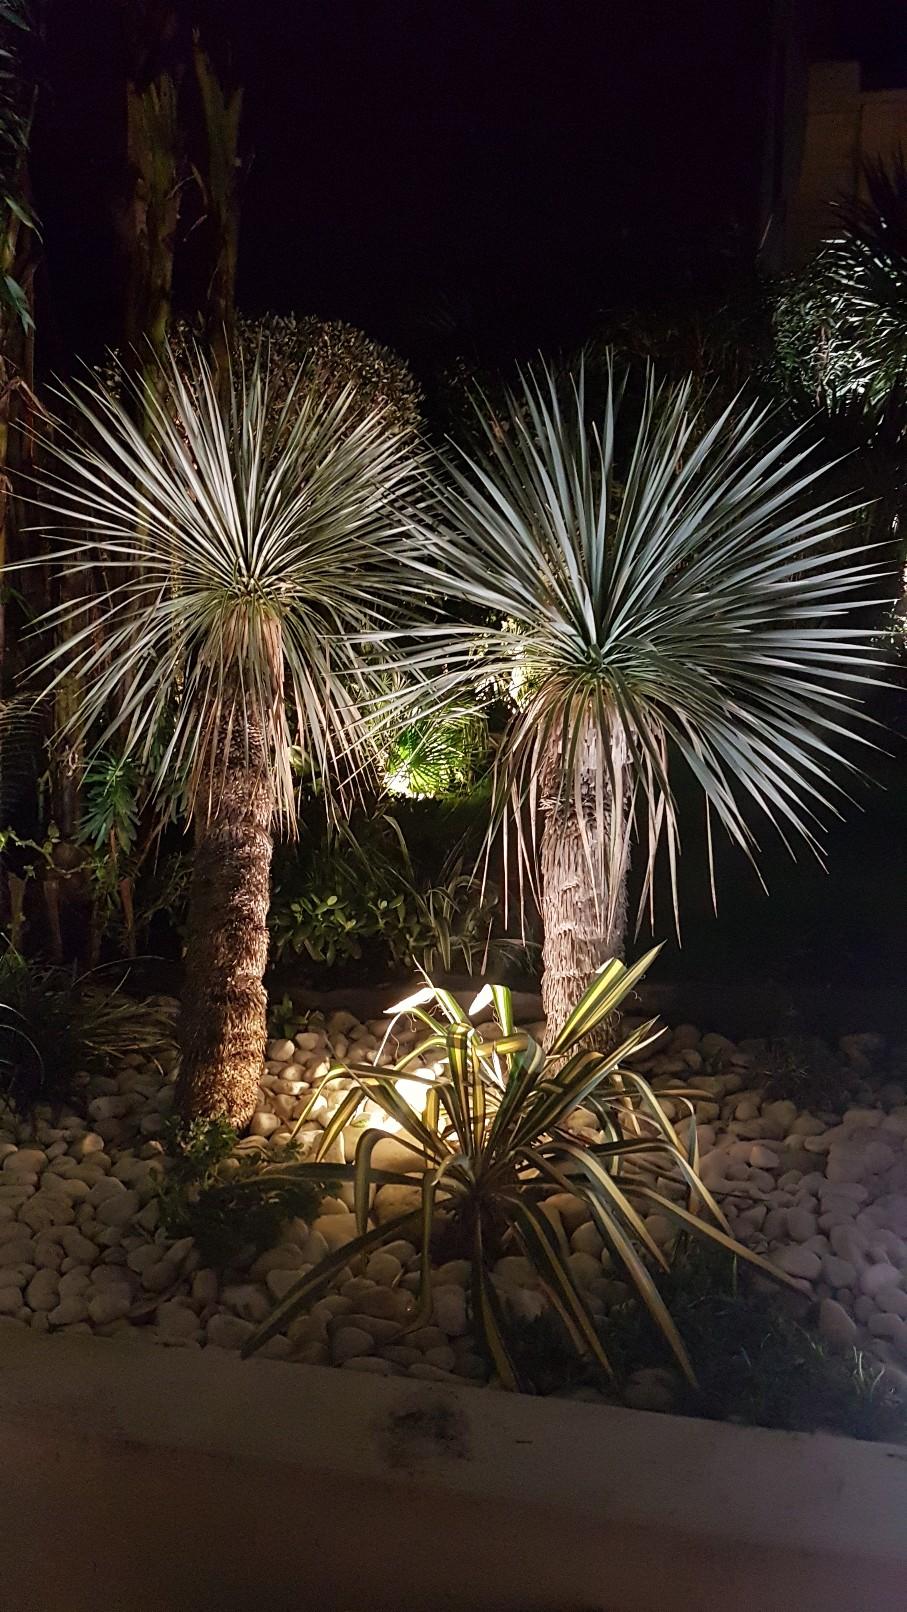 Rémi - Mon (tout) petit jardin en mode tropical - Page 10 20190171